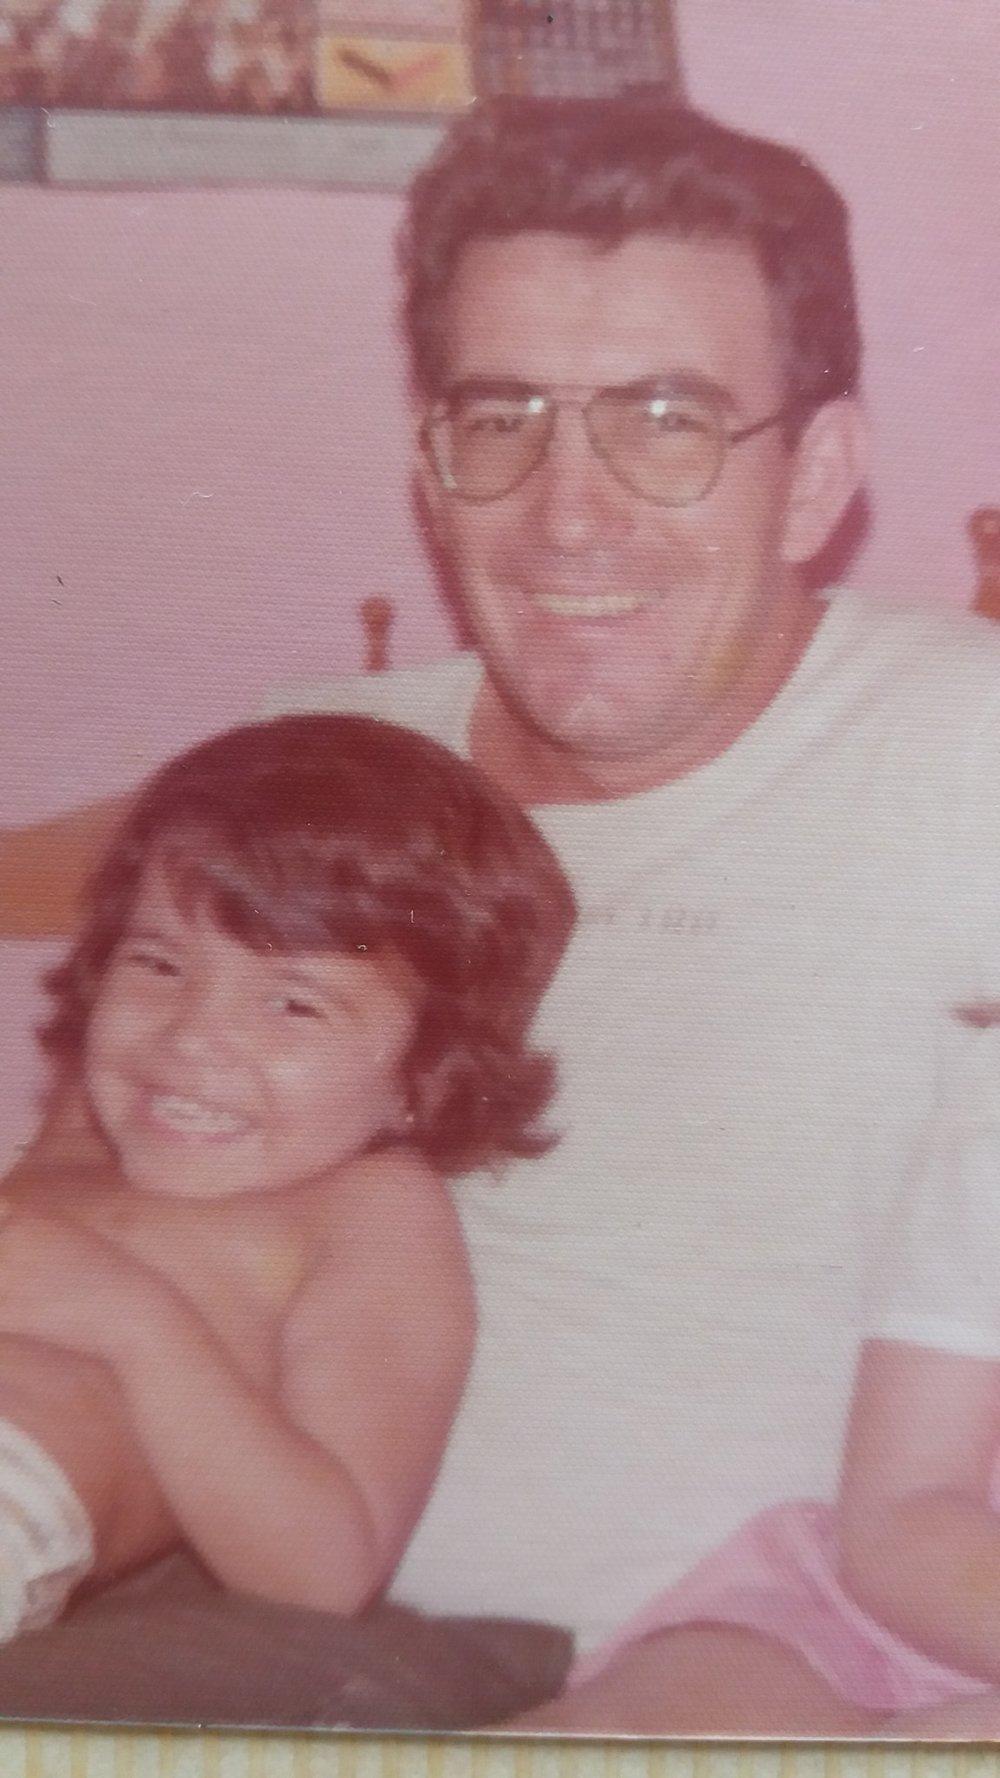 Marilene Falqueiro  Meu pai se foi muito cedo, aos 44 anos, mas me lembro de cada sorriso ao lado dele. Isso me da a certeza de que somos eterno. Porque o amor dado nunca nais morre. O amor que ele me deu ainda esta comigo! Saudades